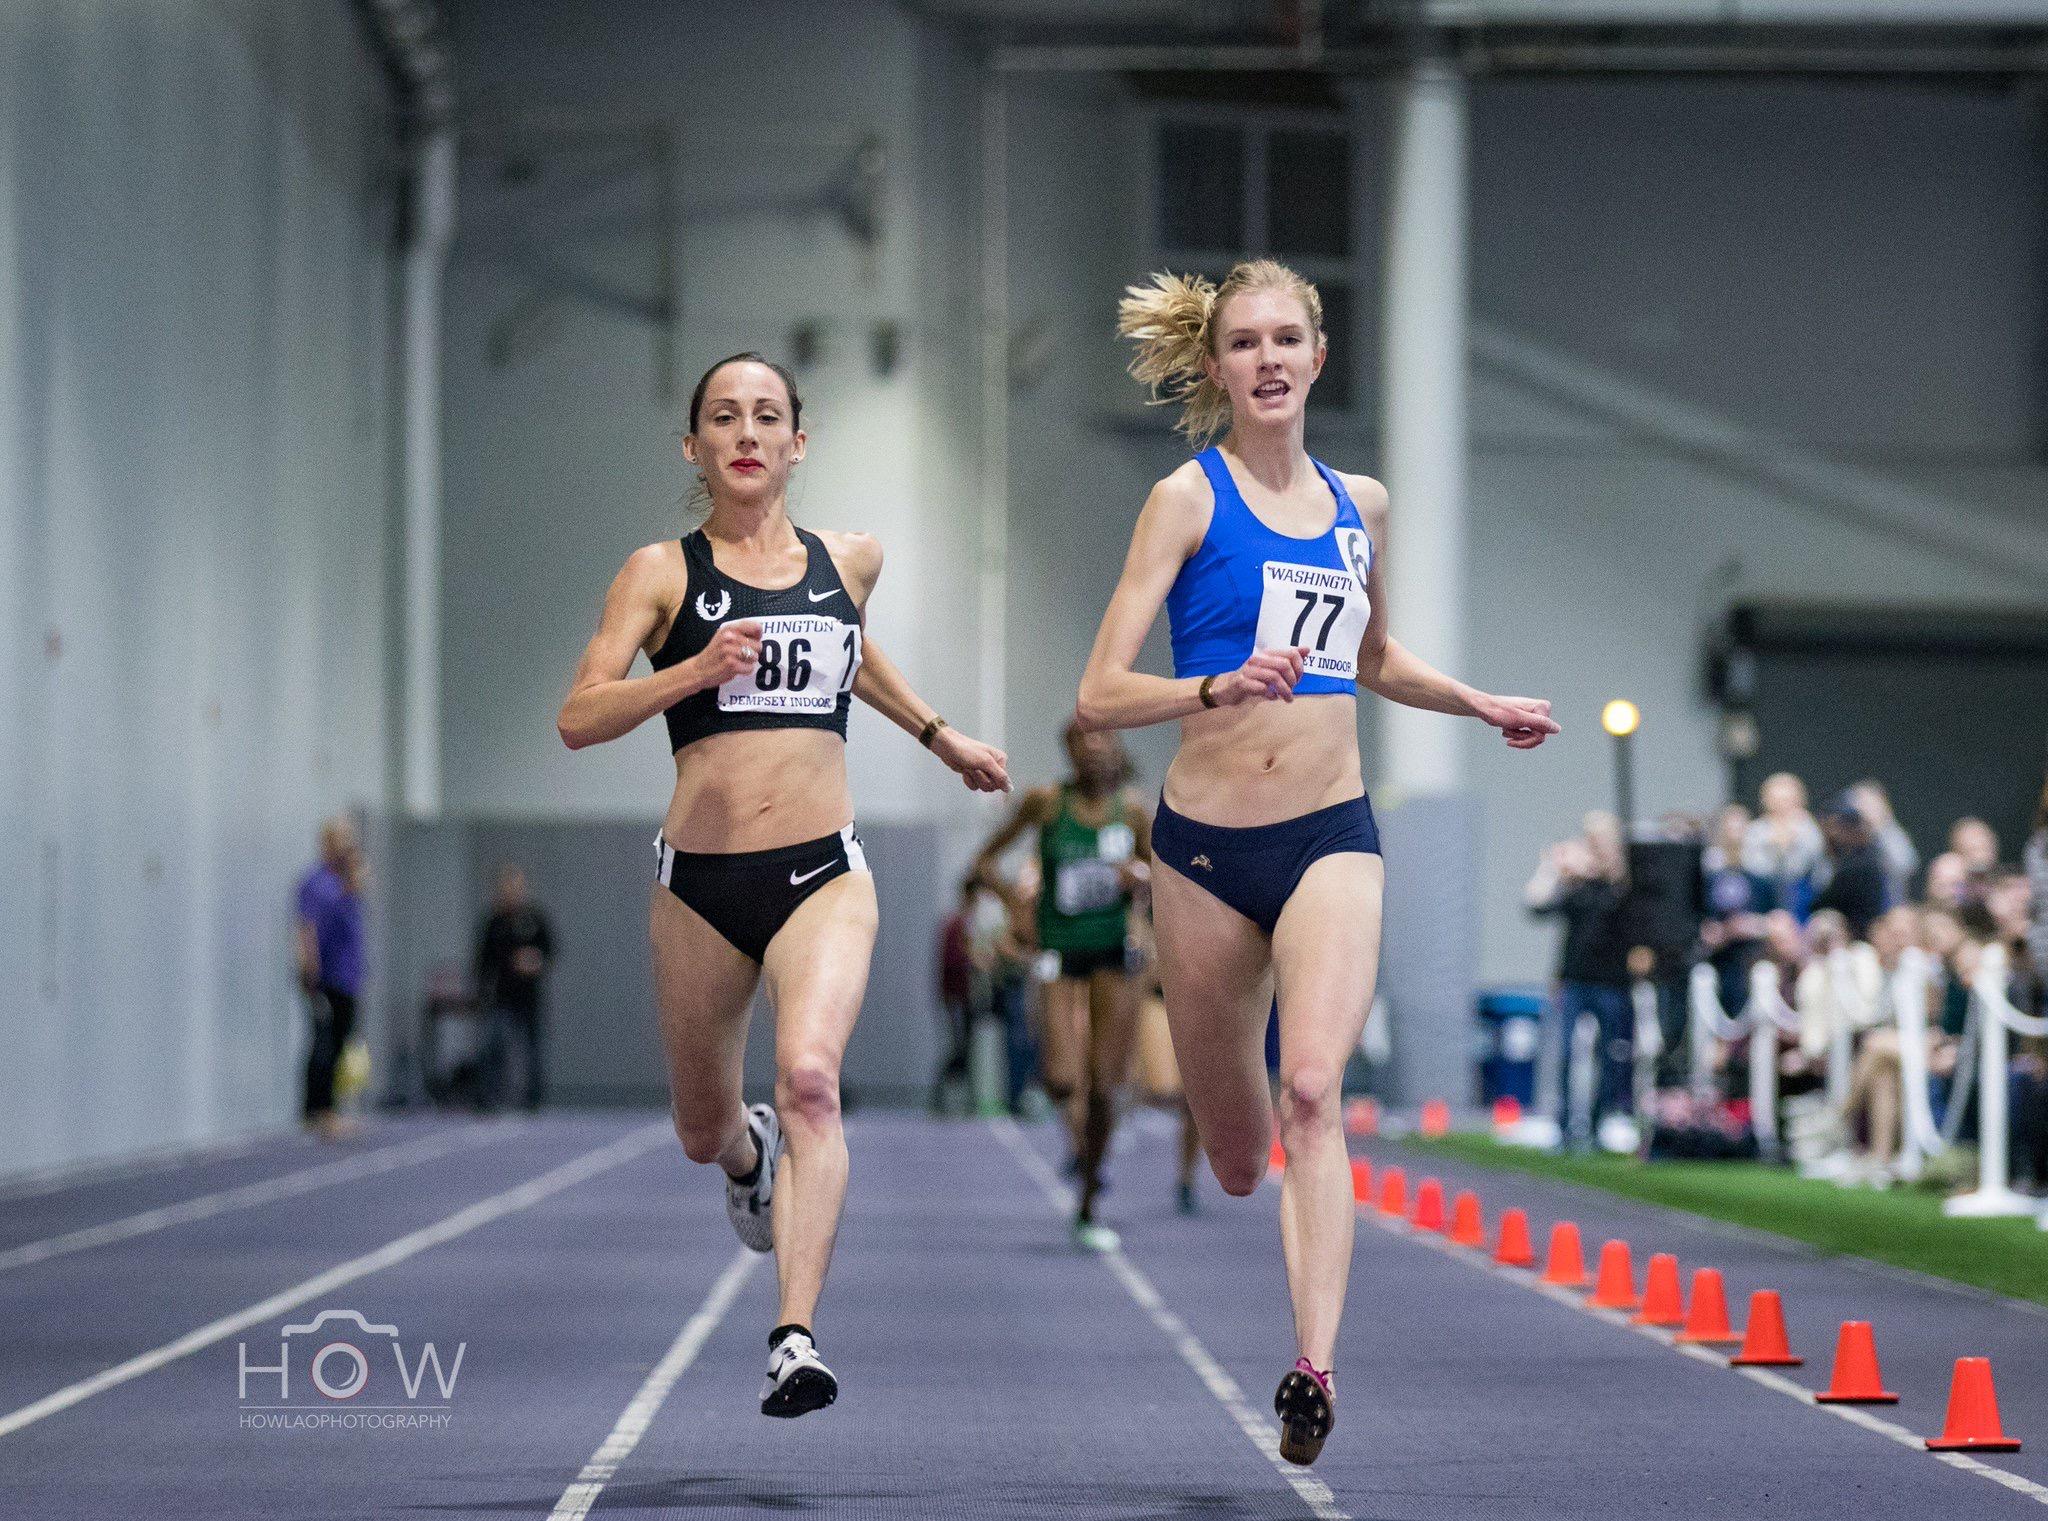 Eleanor Fulton (#77) winning the 2019 UW Indoor Preview 3,000m in 9:02.